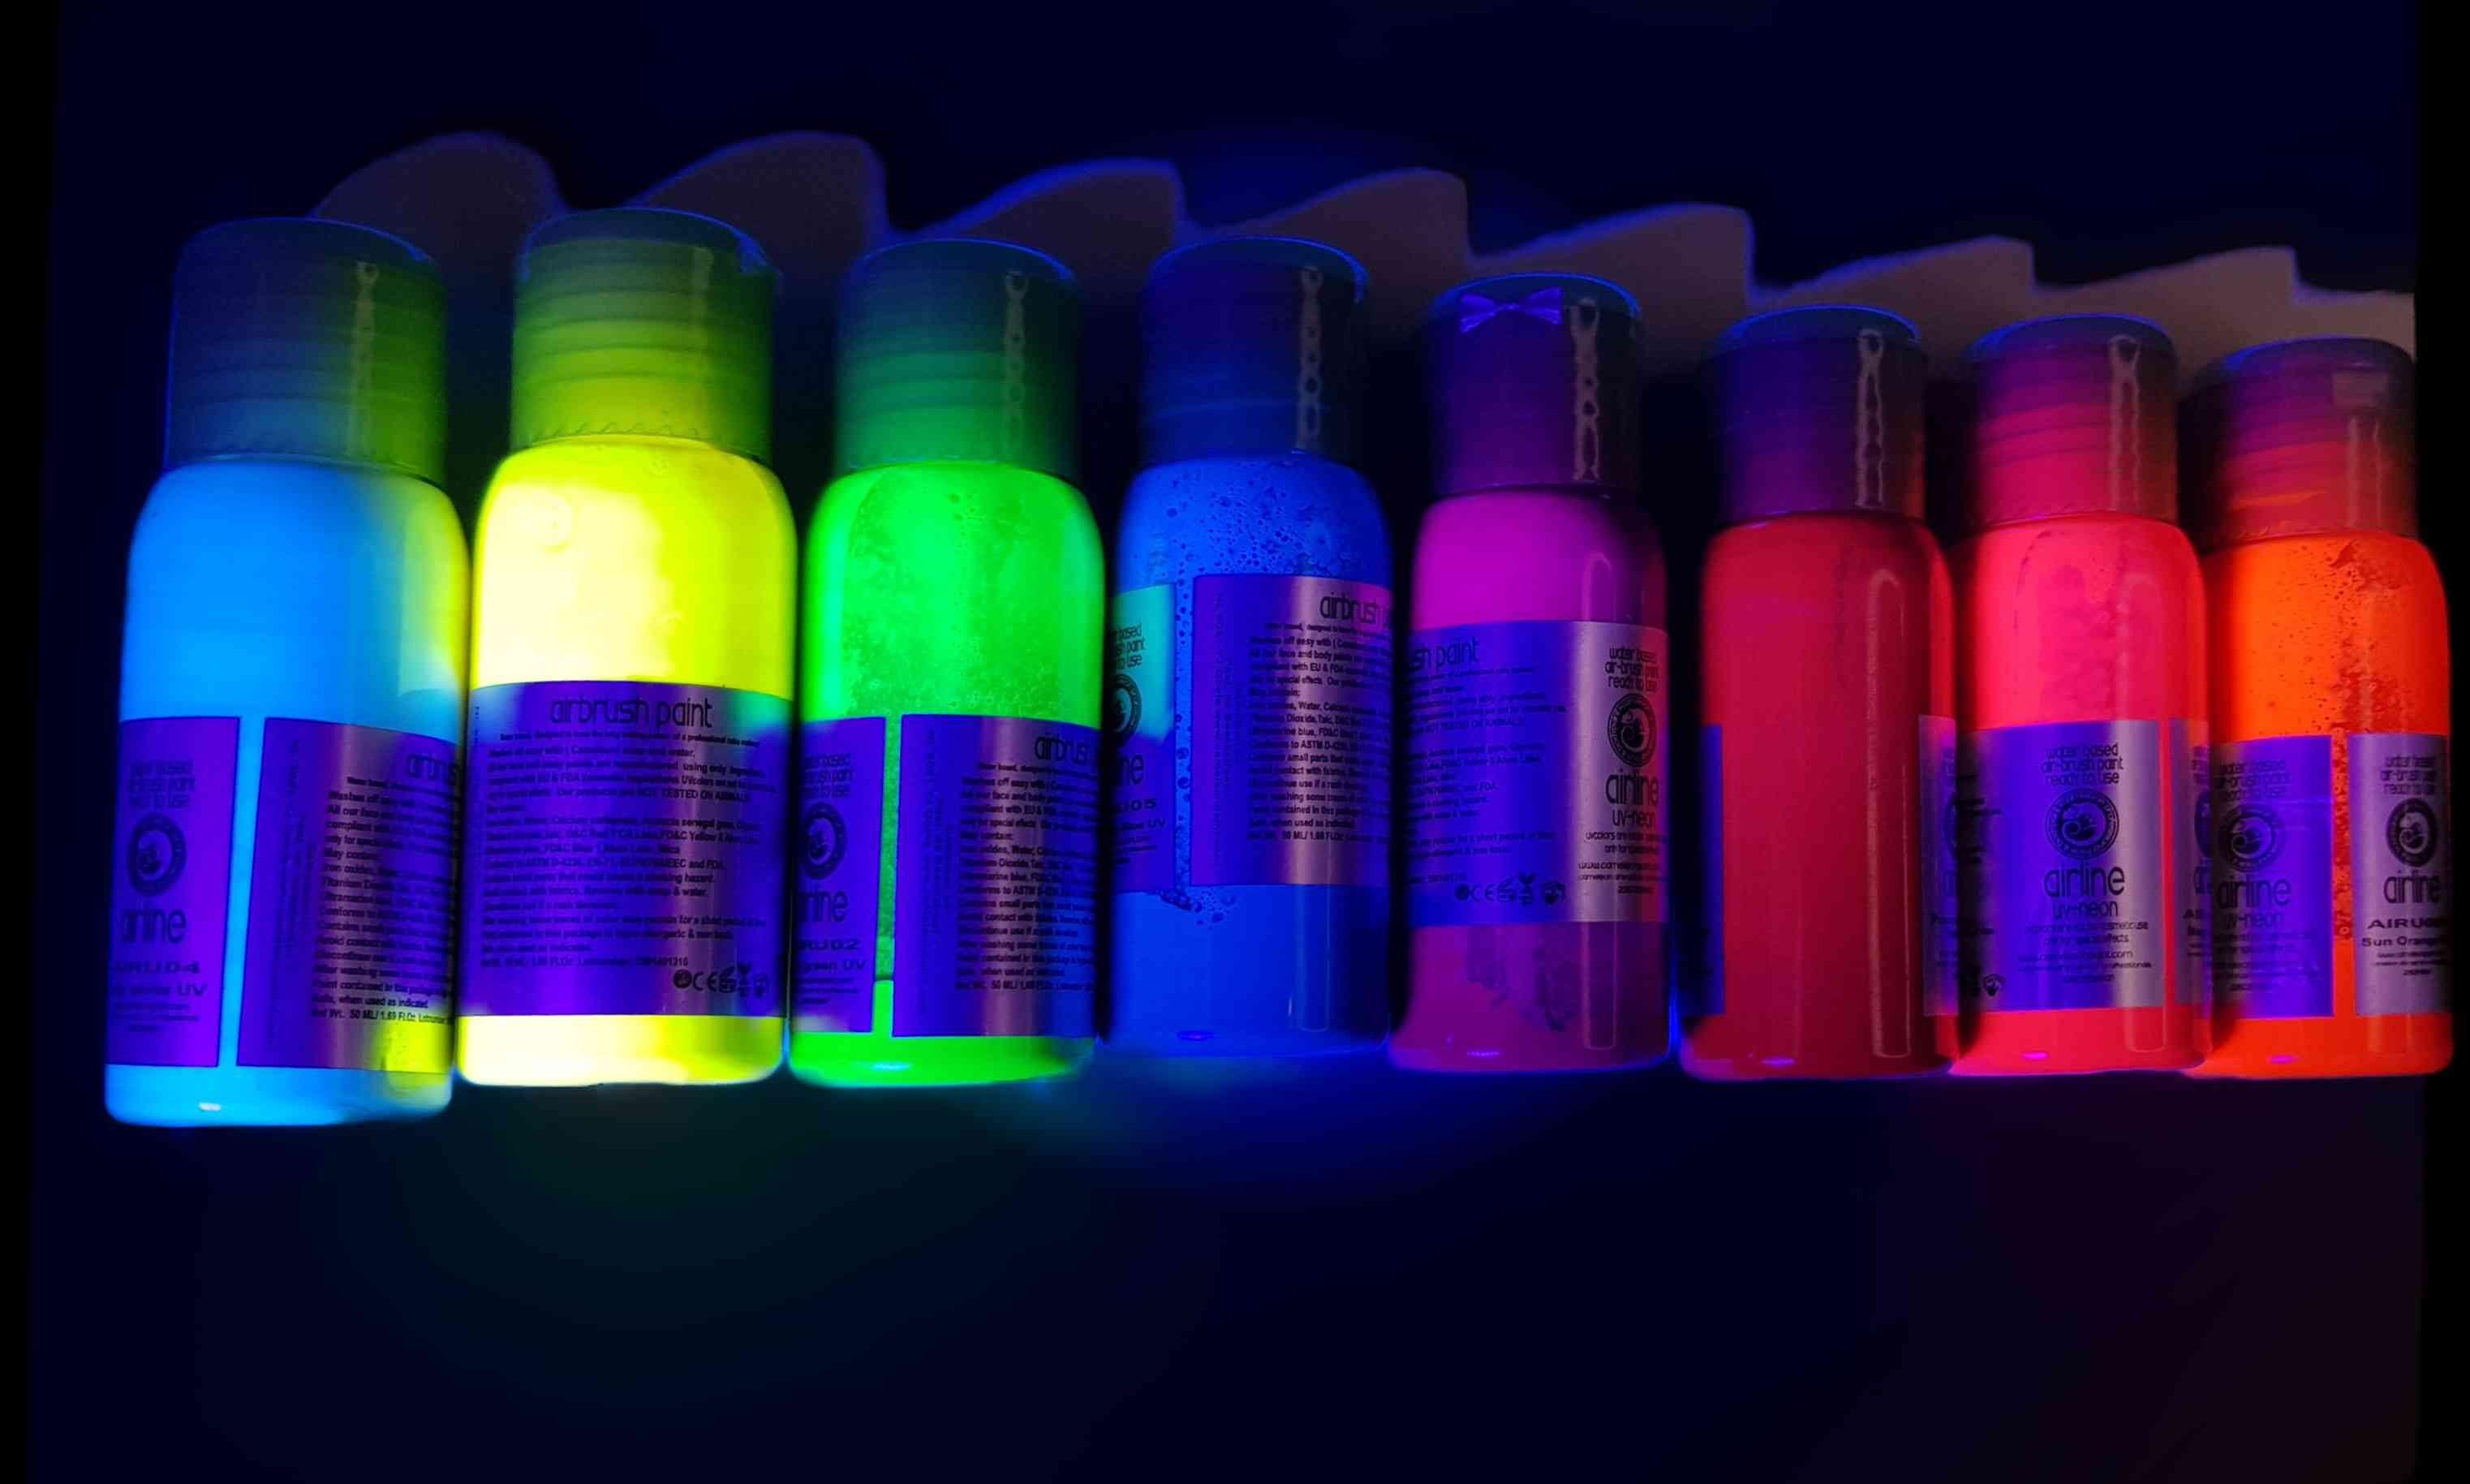 של סט 8 צבעים נוזלים  זוהרים  neon airbrush color